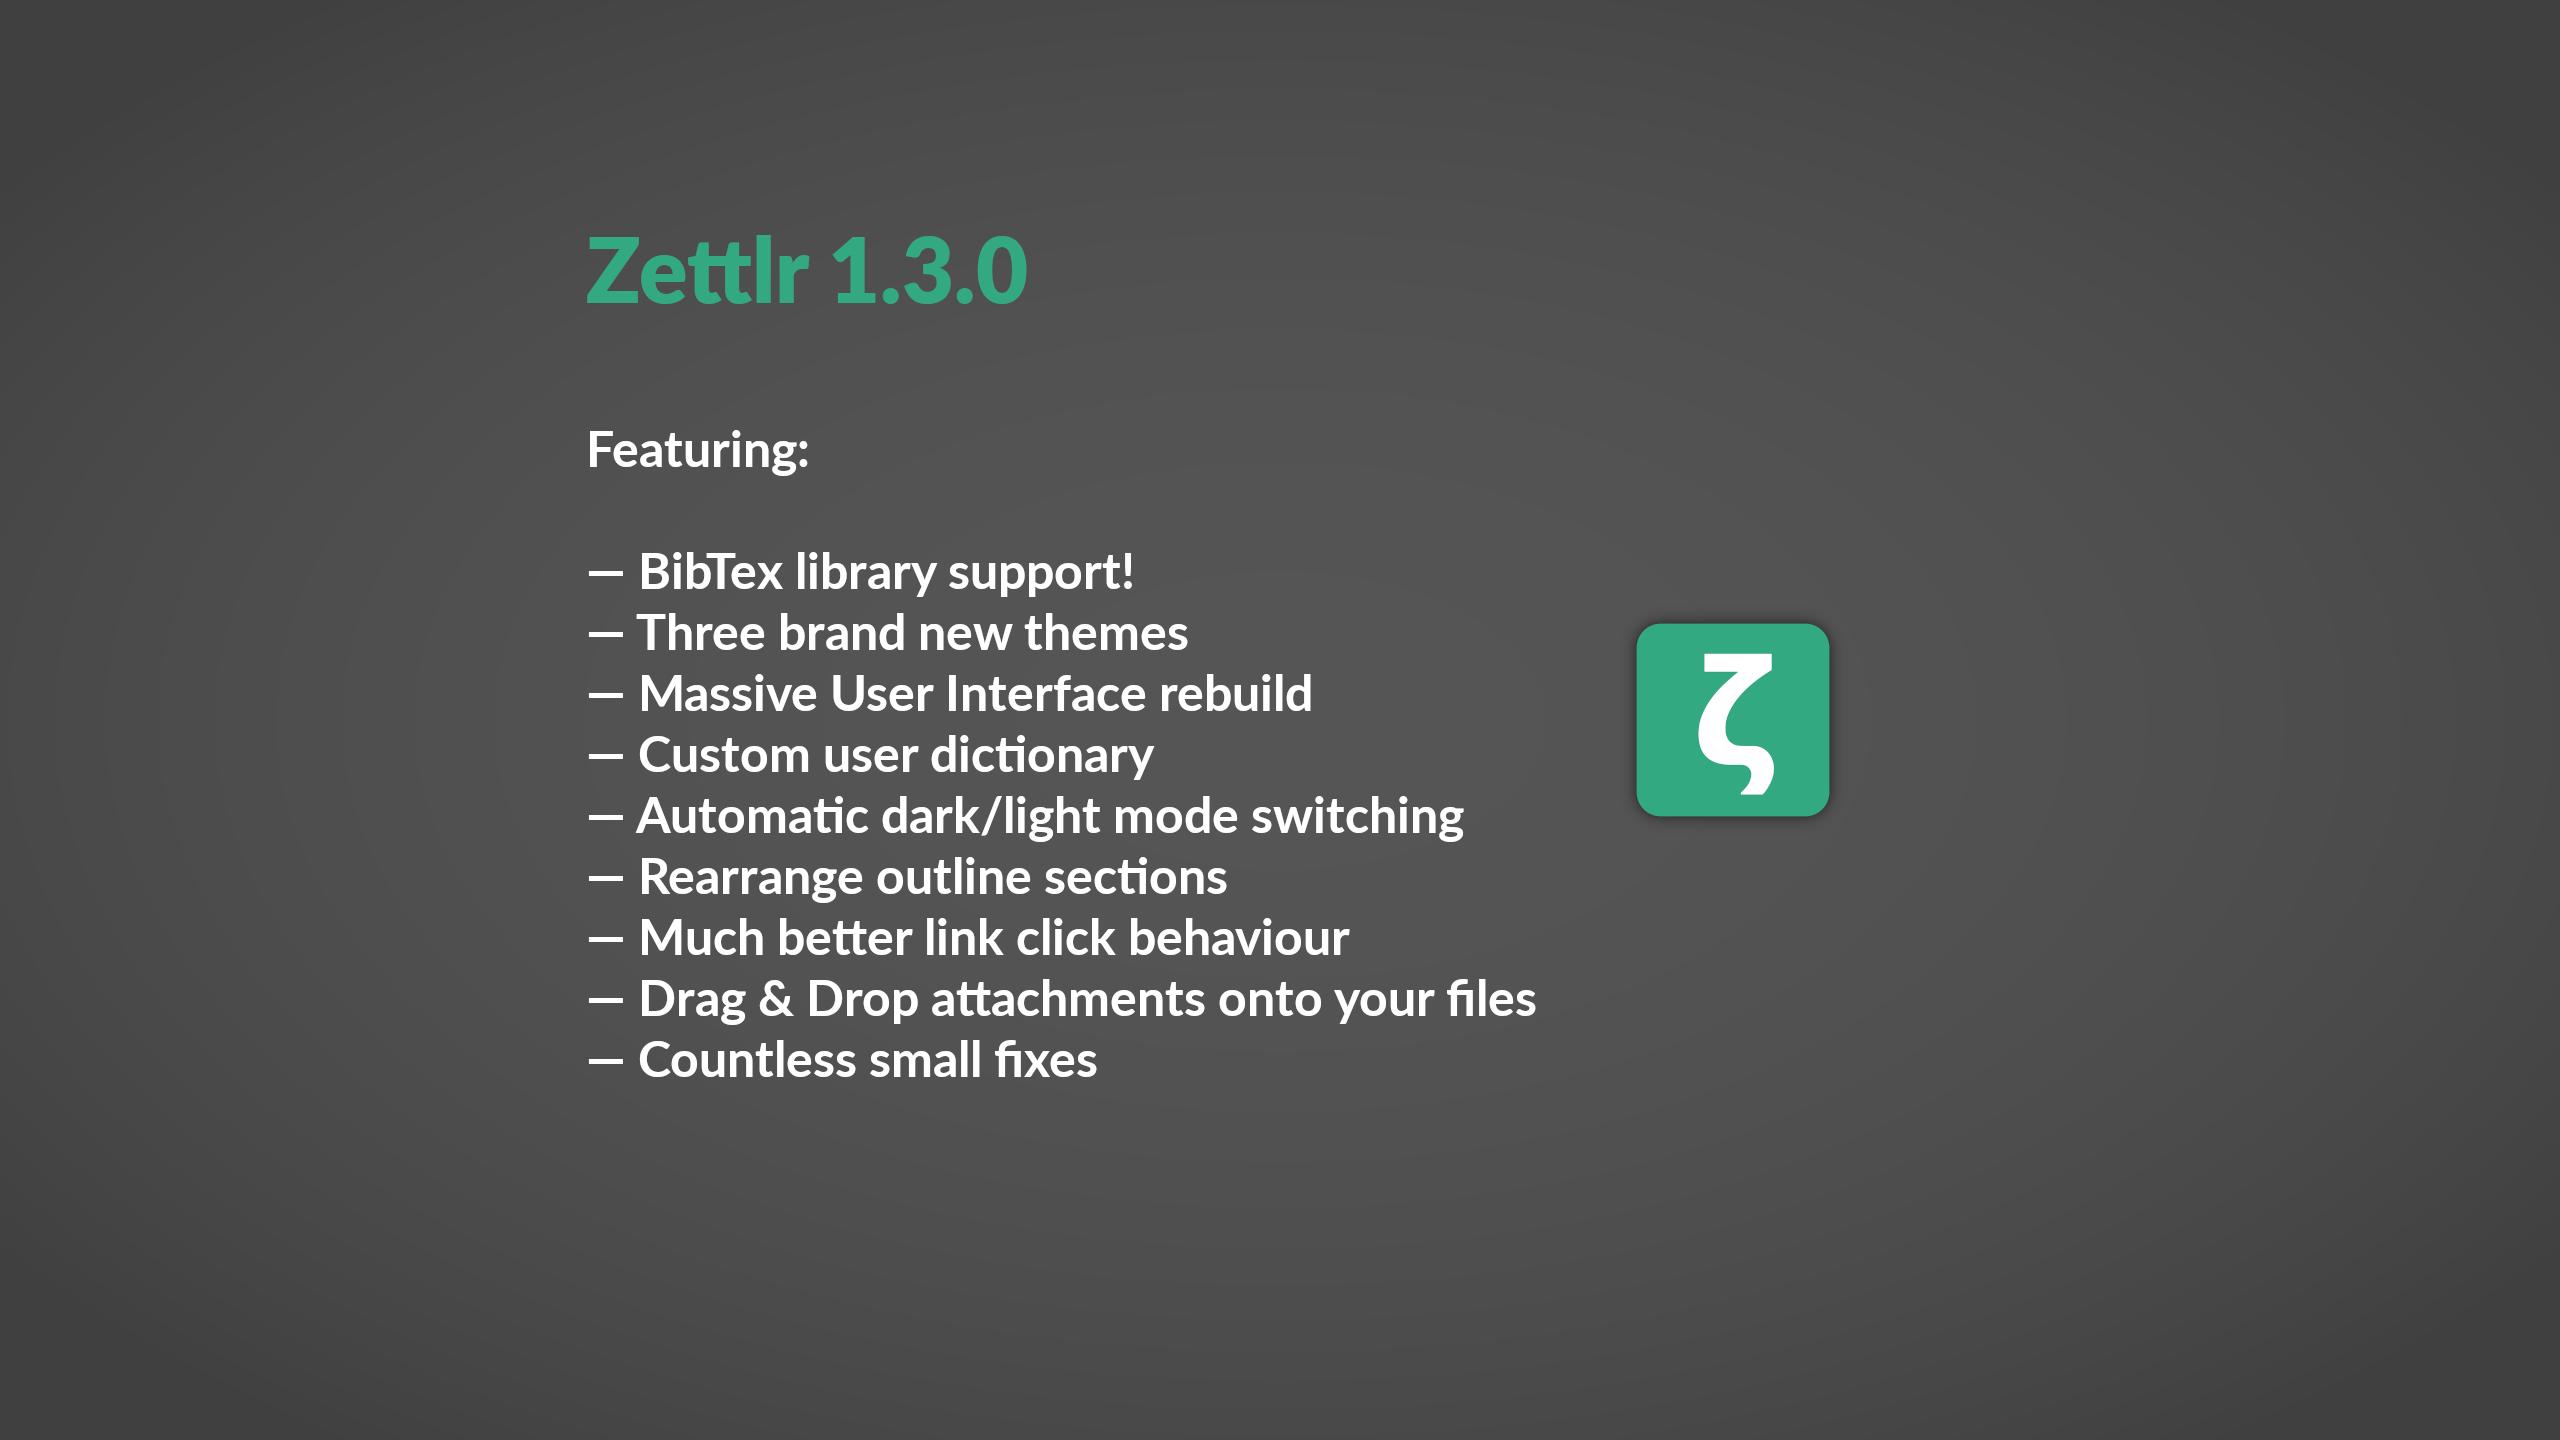 Zettlr 1.3.0 released